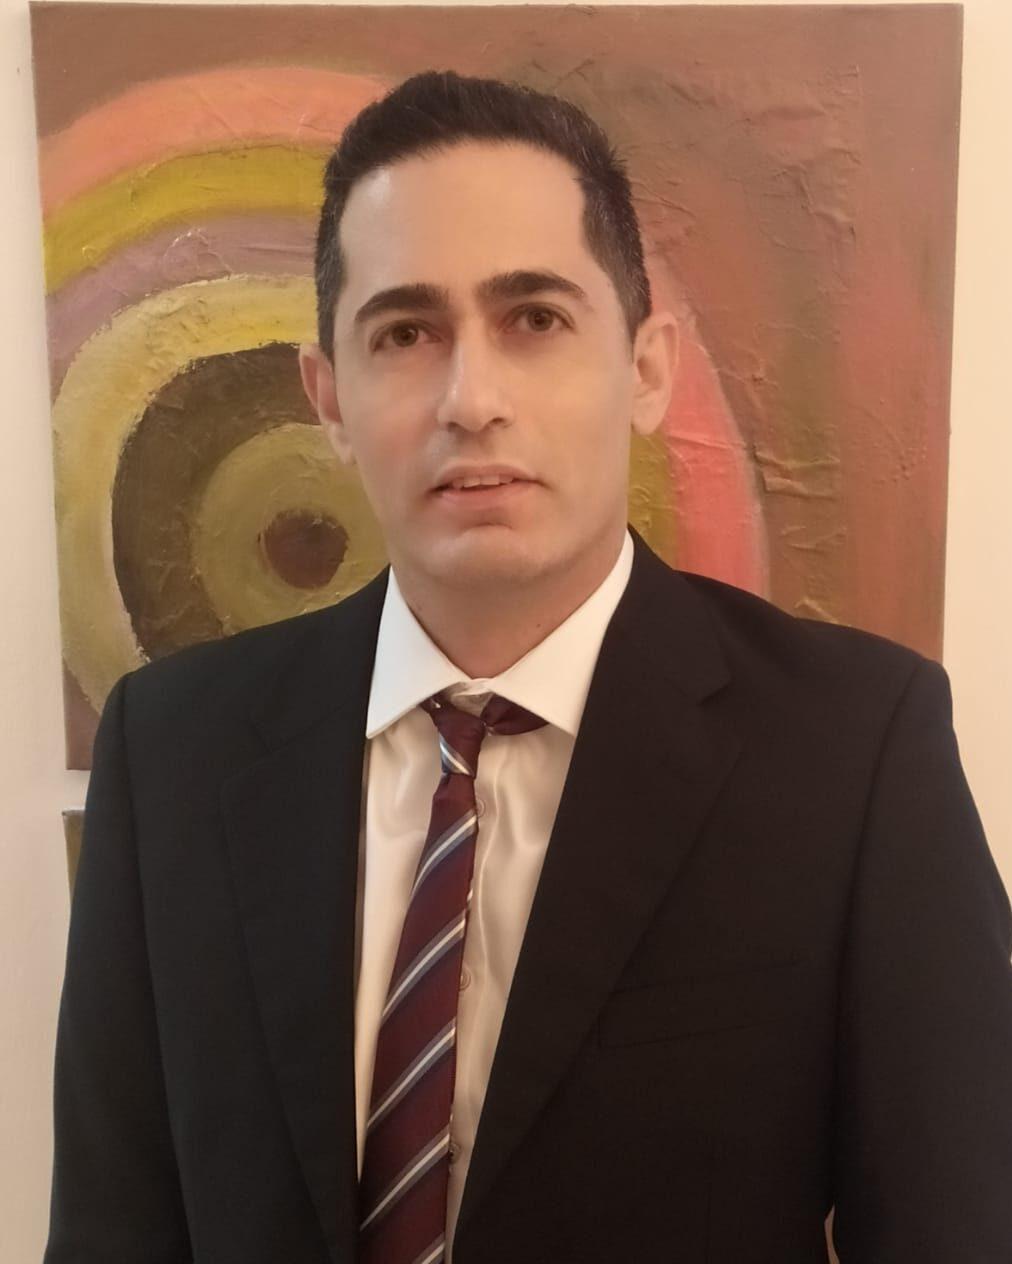 קובי בראל